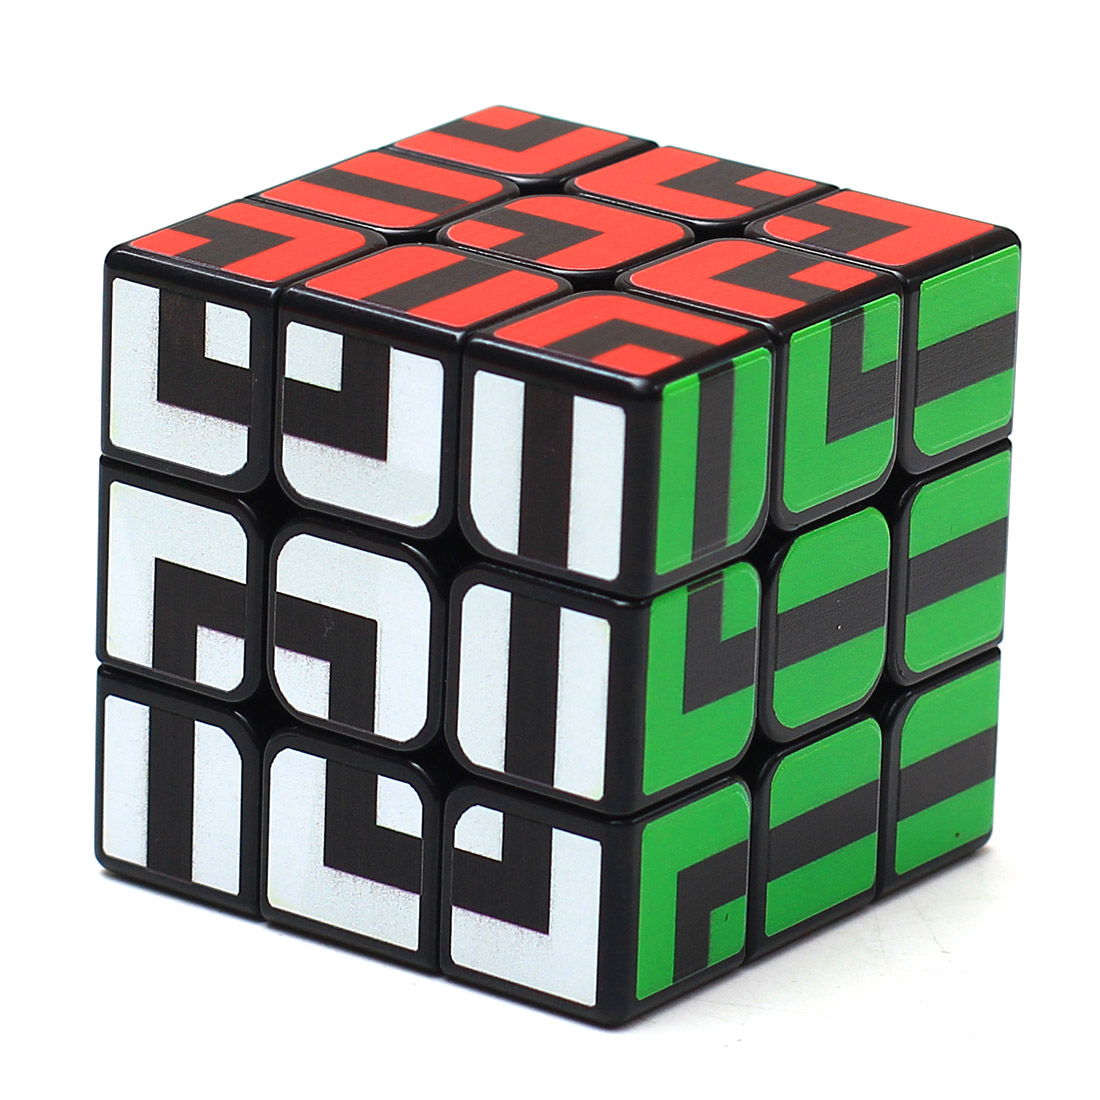 3x3x3 Maze Z-Cube